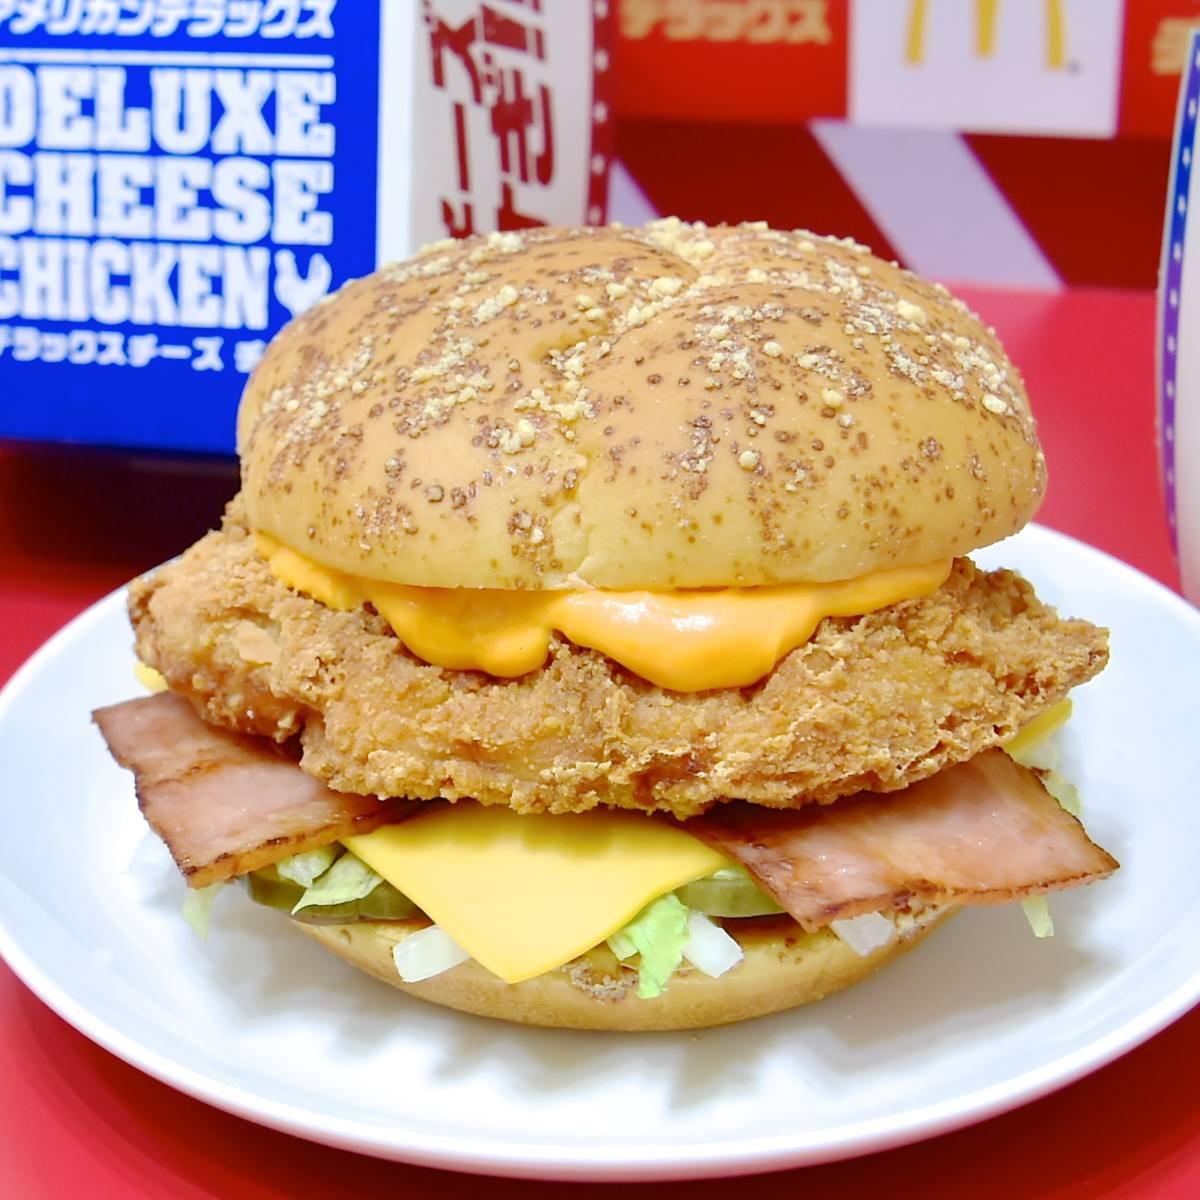 マクドナルド「デラックスチーズ チキン」